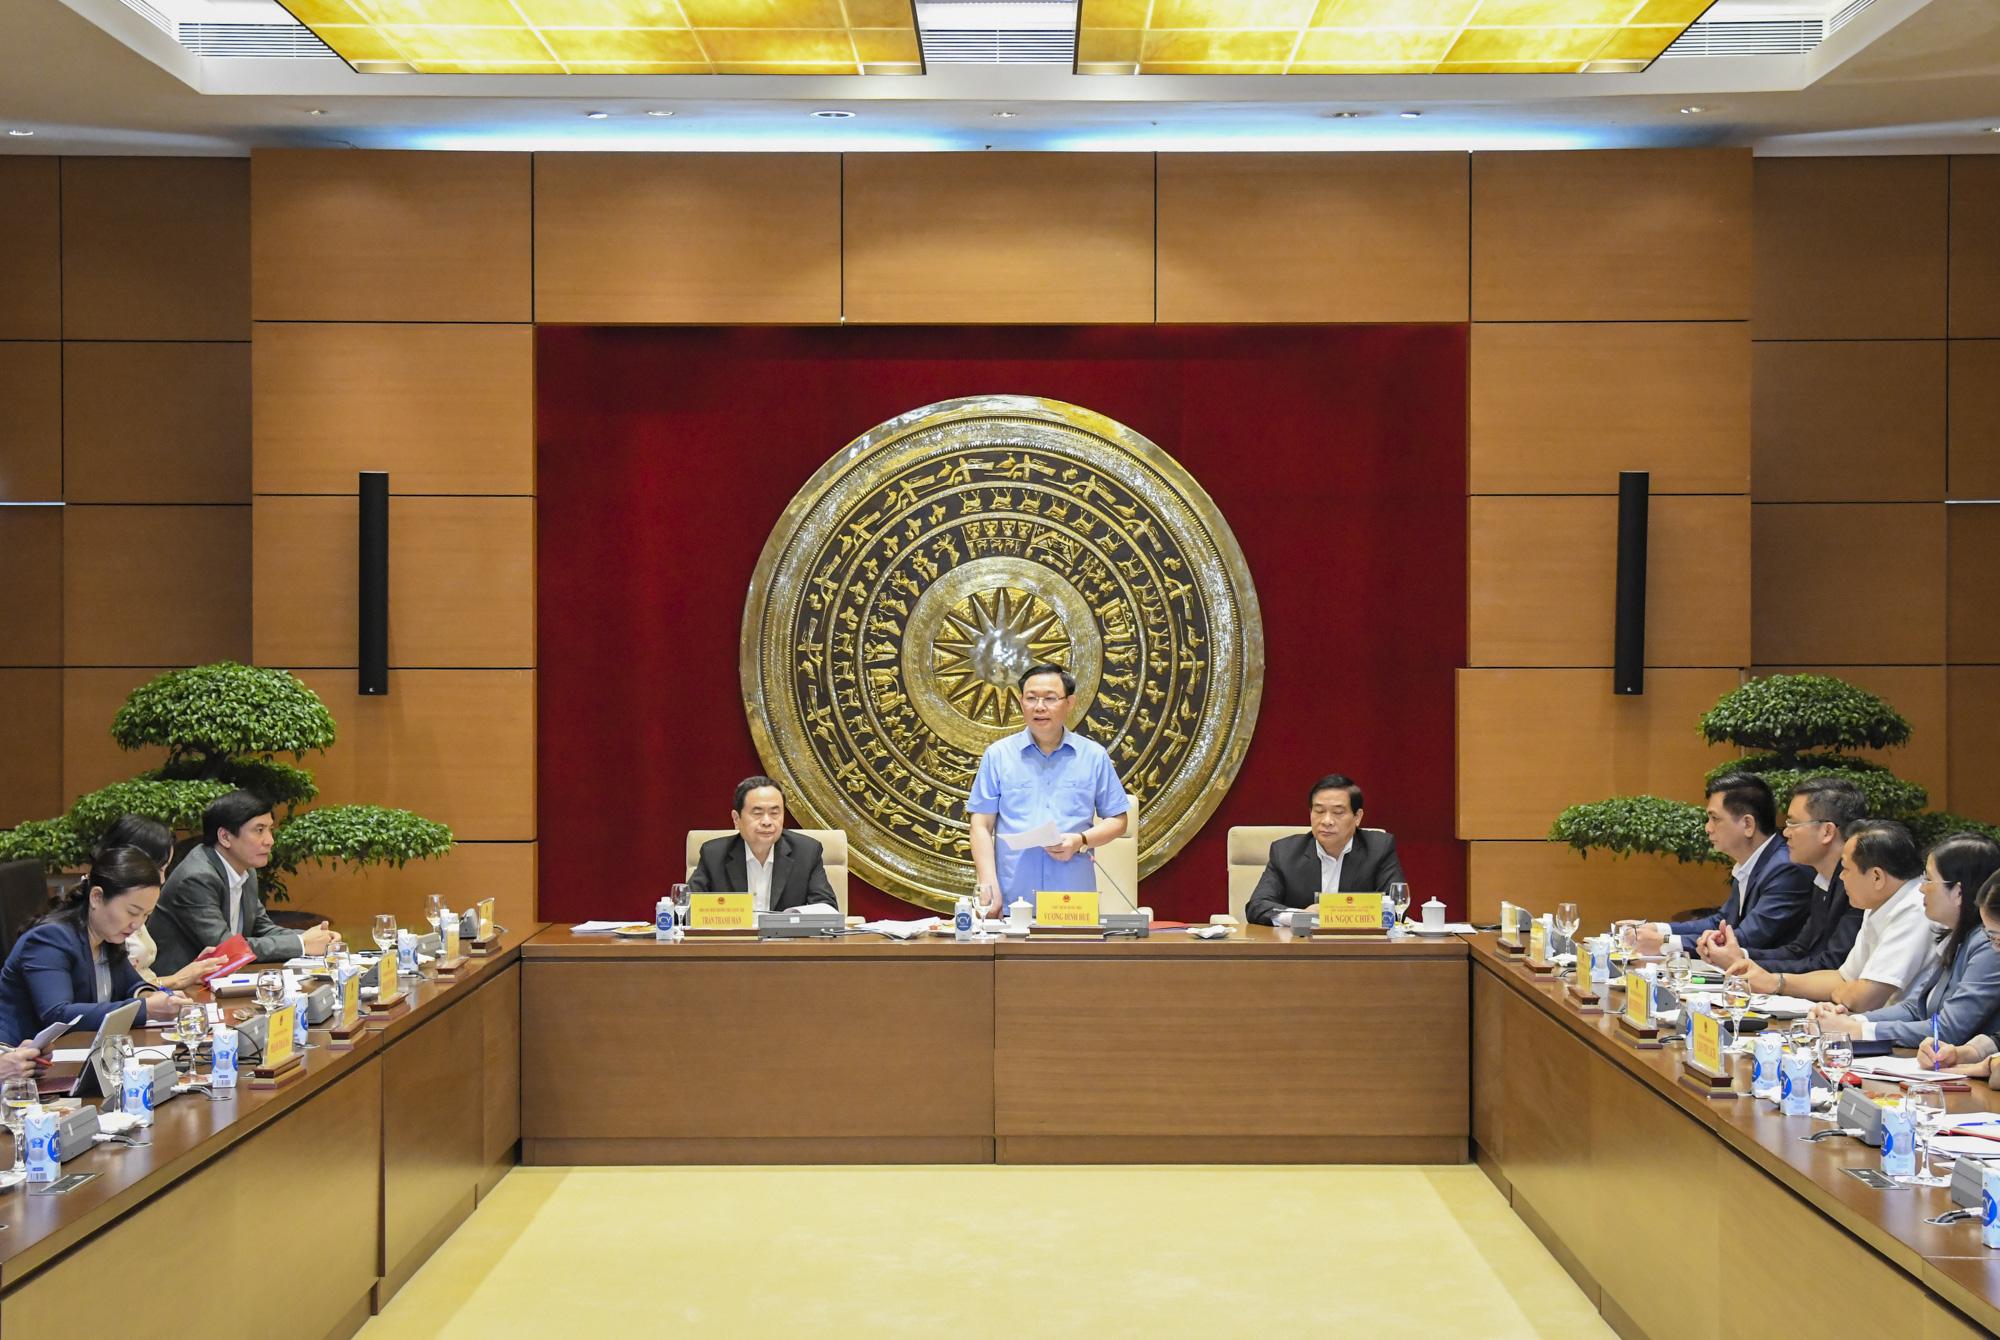 Ảnh: Chủ tịch Quốc hội Vương Đình Huệ làm việc với Hội đồng Dân tộc - Ảnh 3.